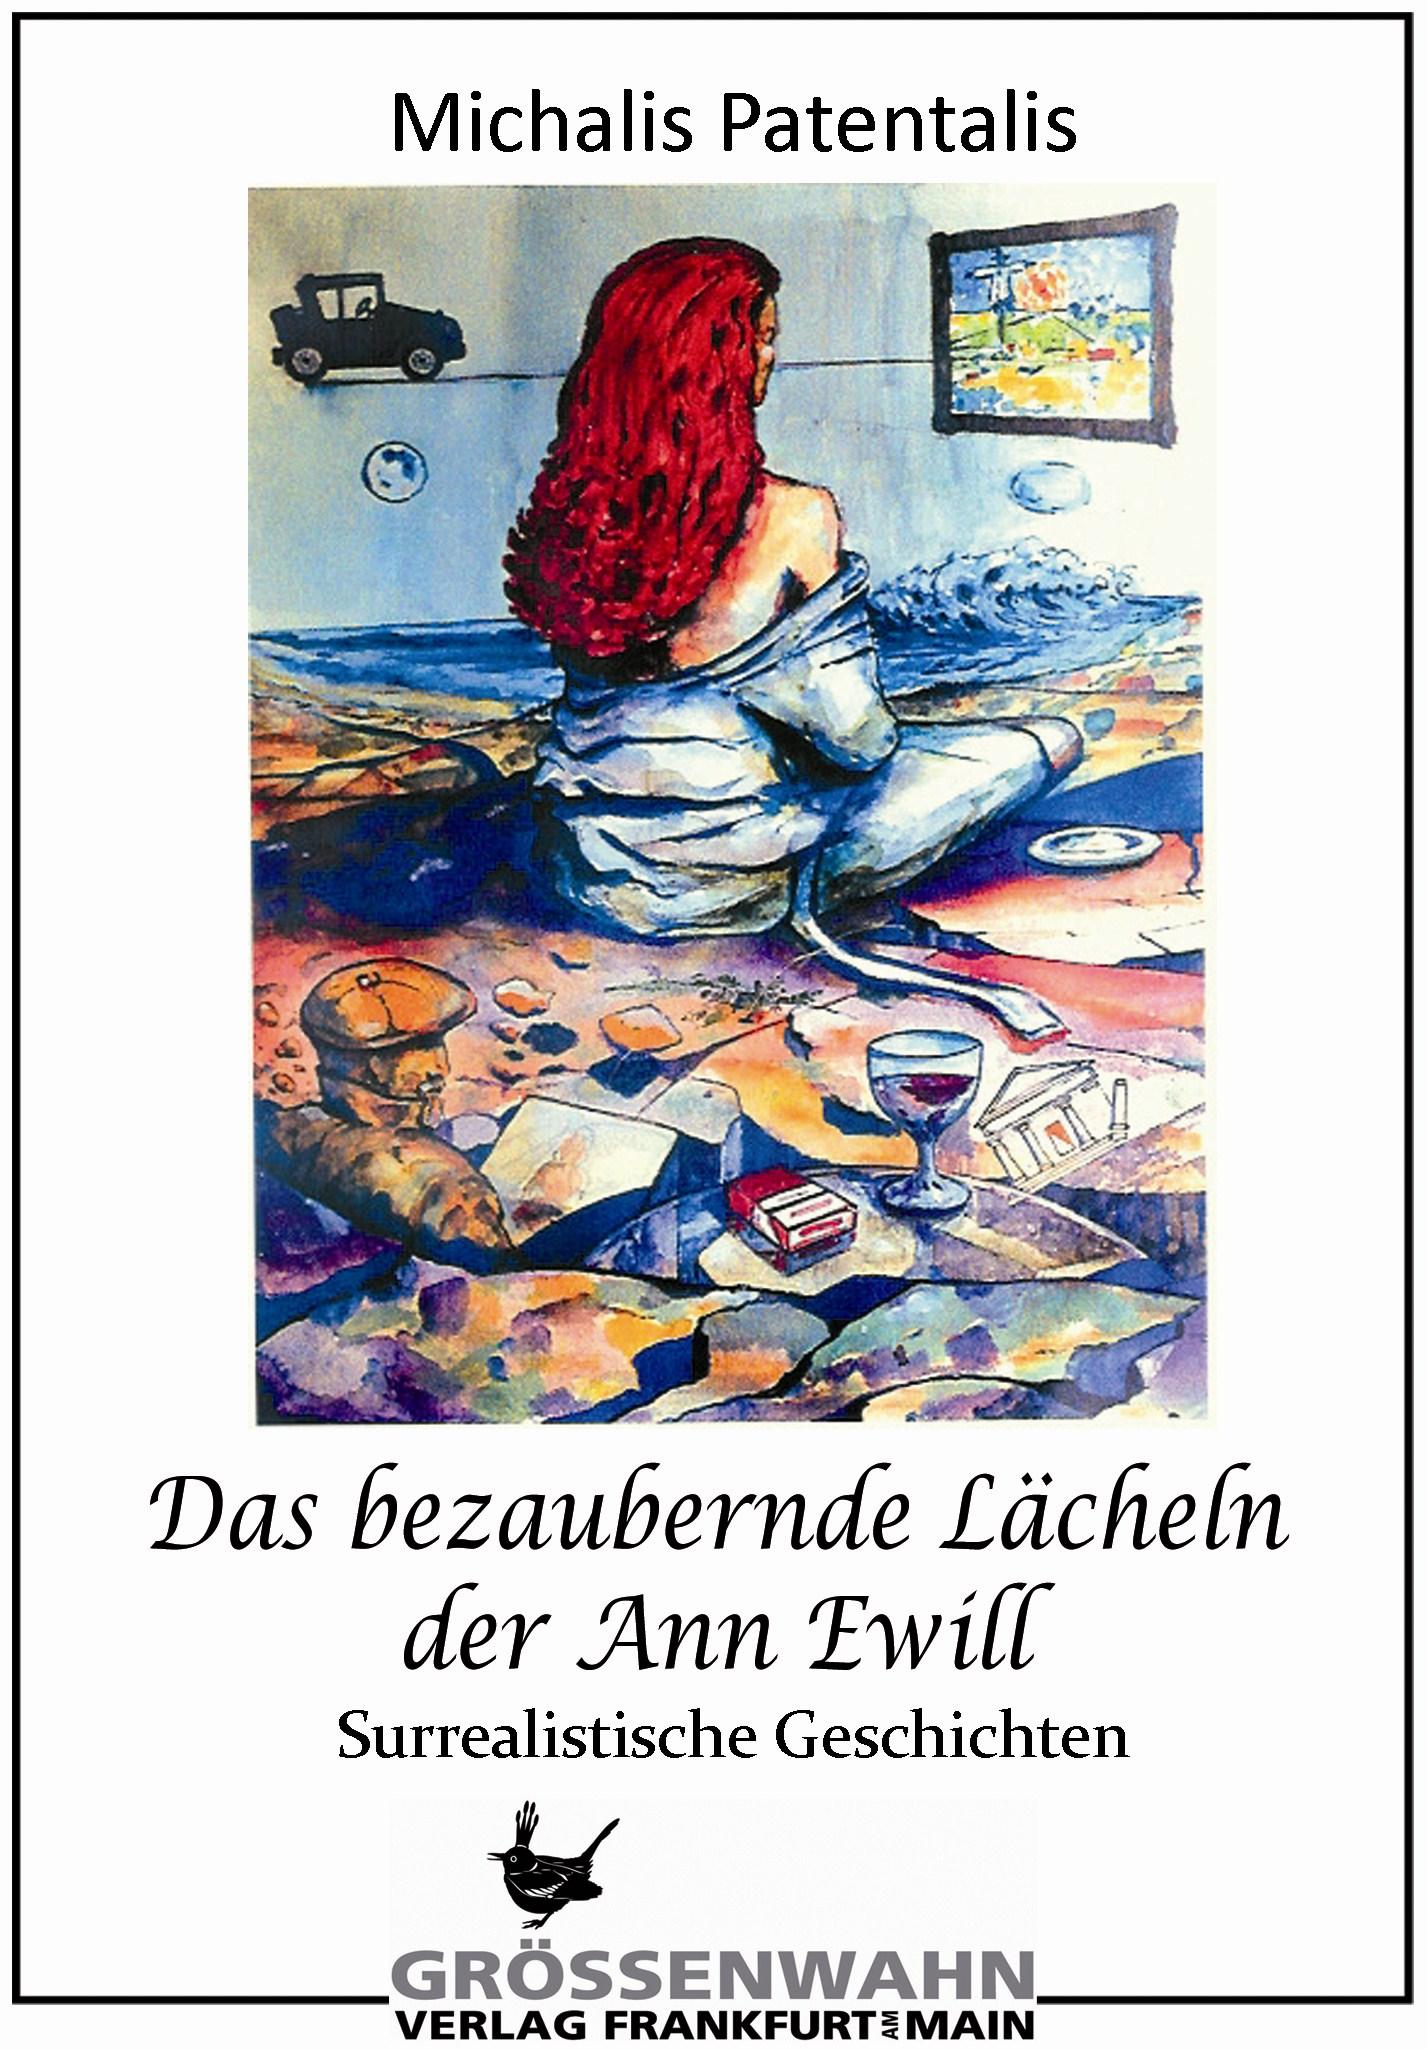 Das bezaubernde Lächeln der Ann Ewill Michalis Patentalis